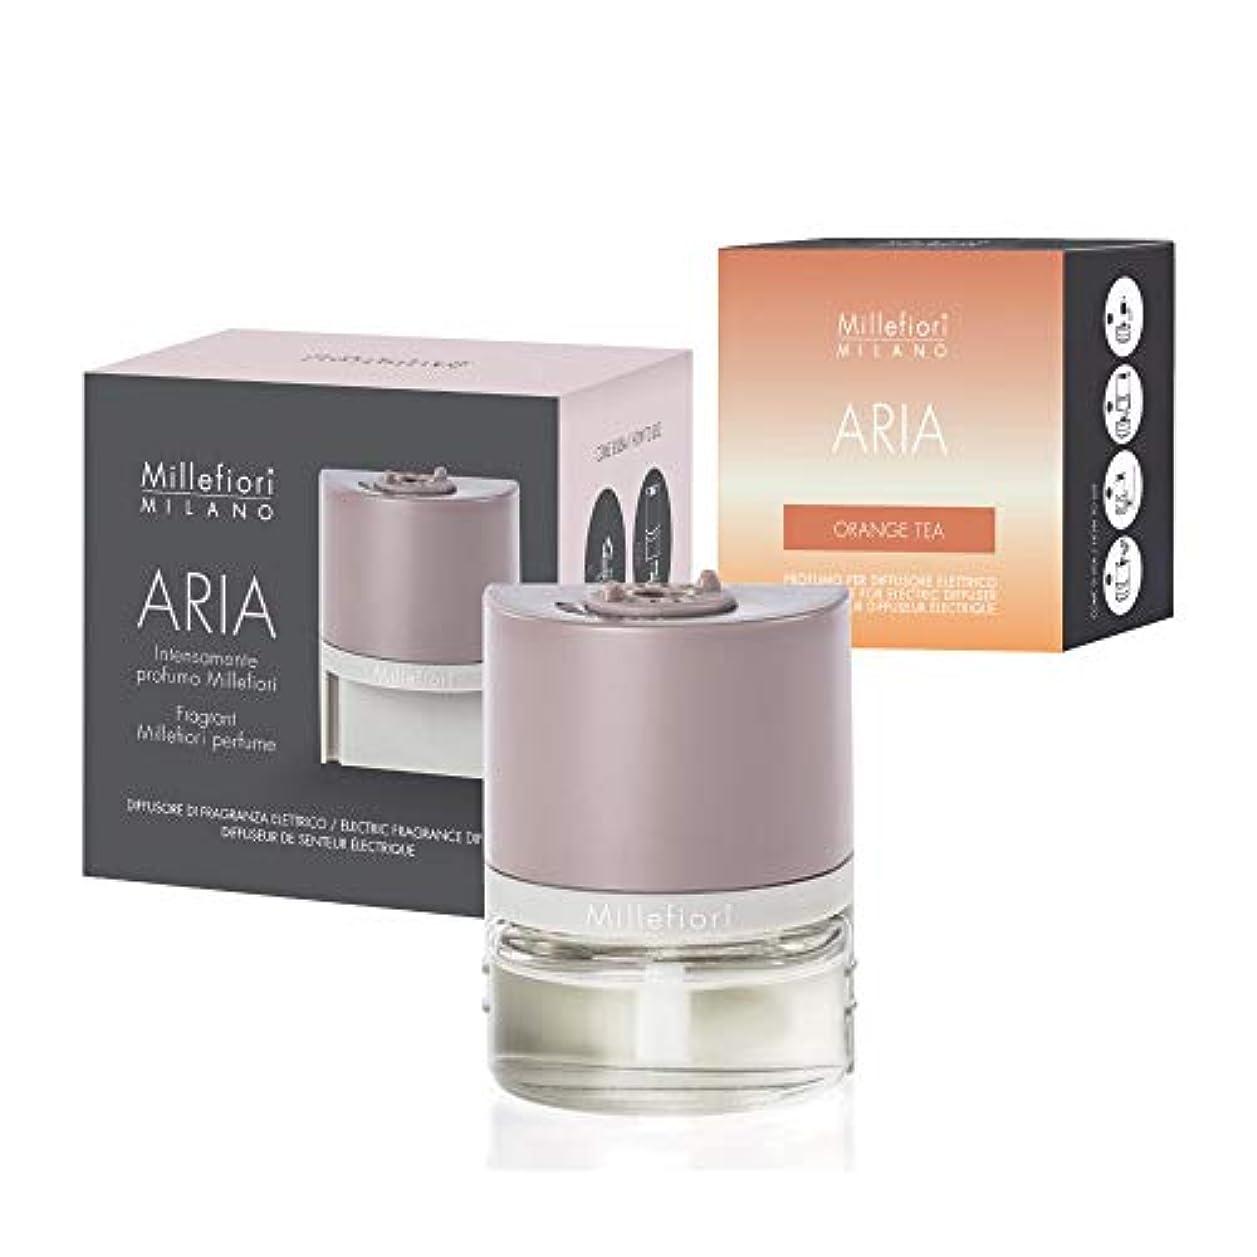 魅力塩暴力的なMillefiori [ARIA] プラグインタイプ フレグランスディフューザー セット(ARIA本体+専用リフィル) オレンジティー ARIA-S-06